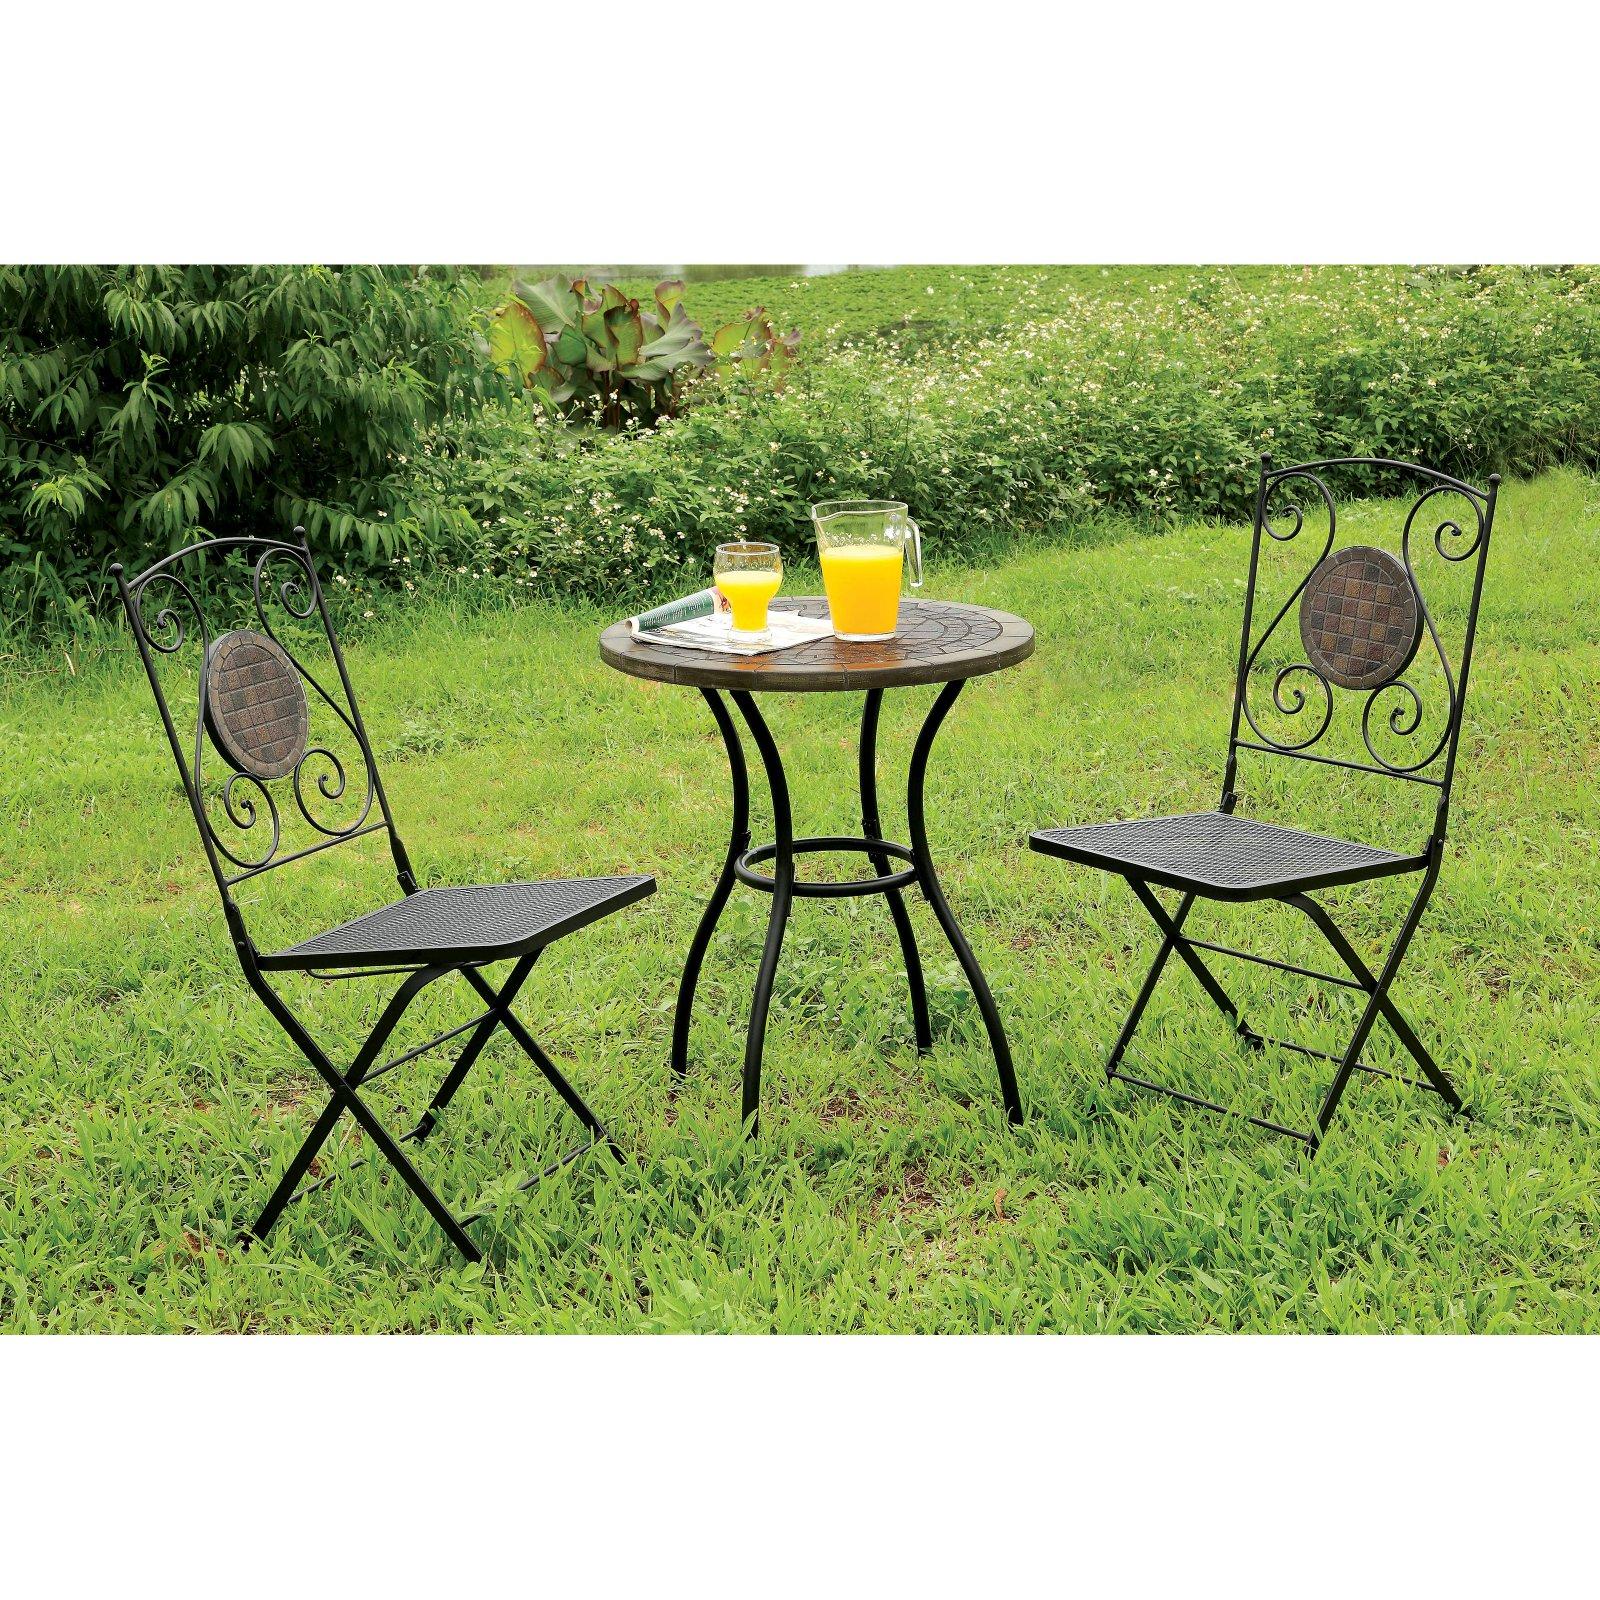 Furniture of America Corsa Bistro Patio Table